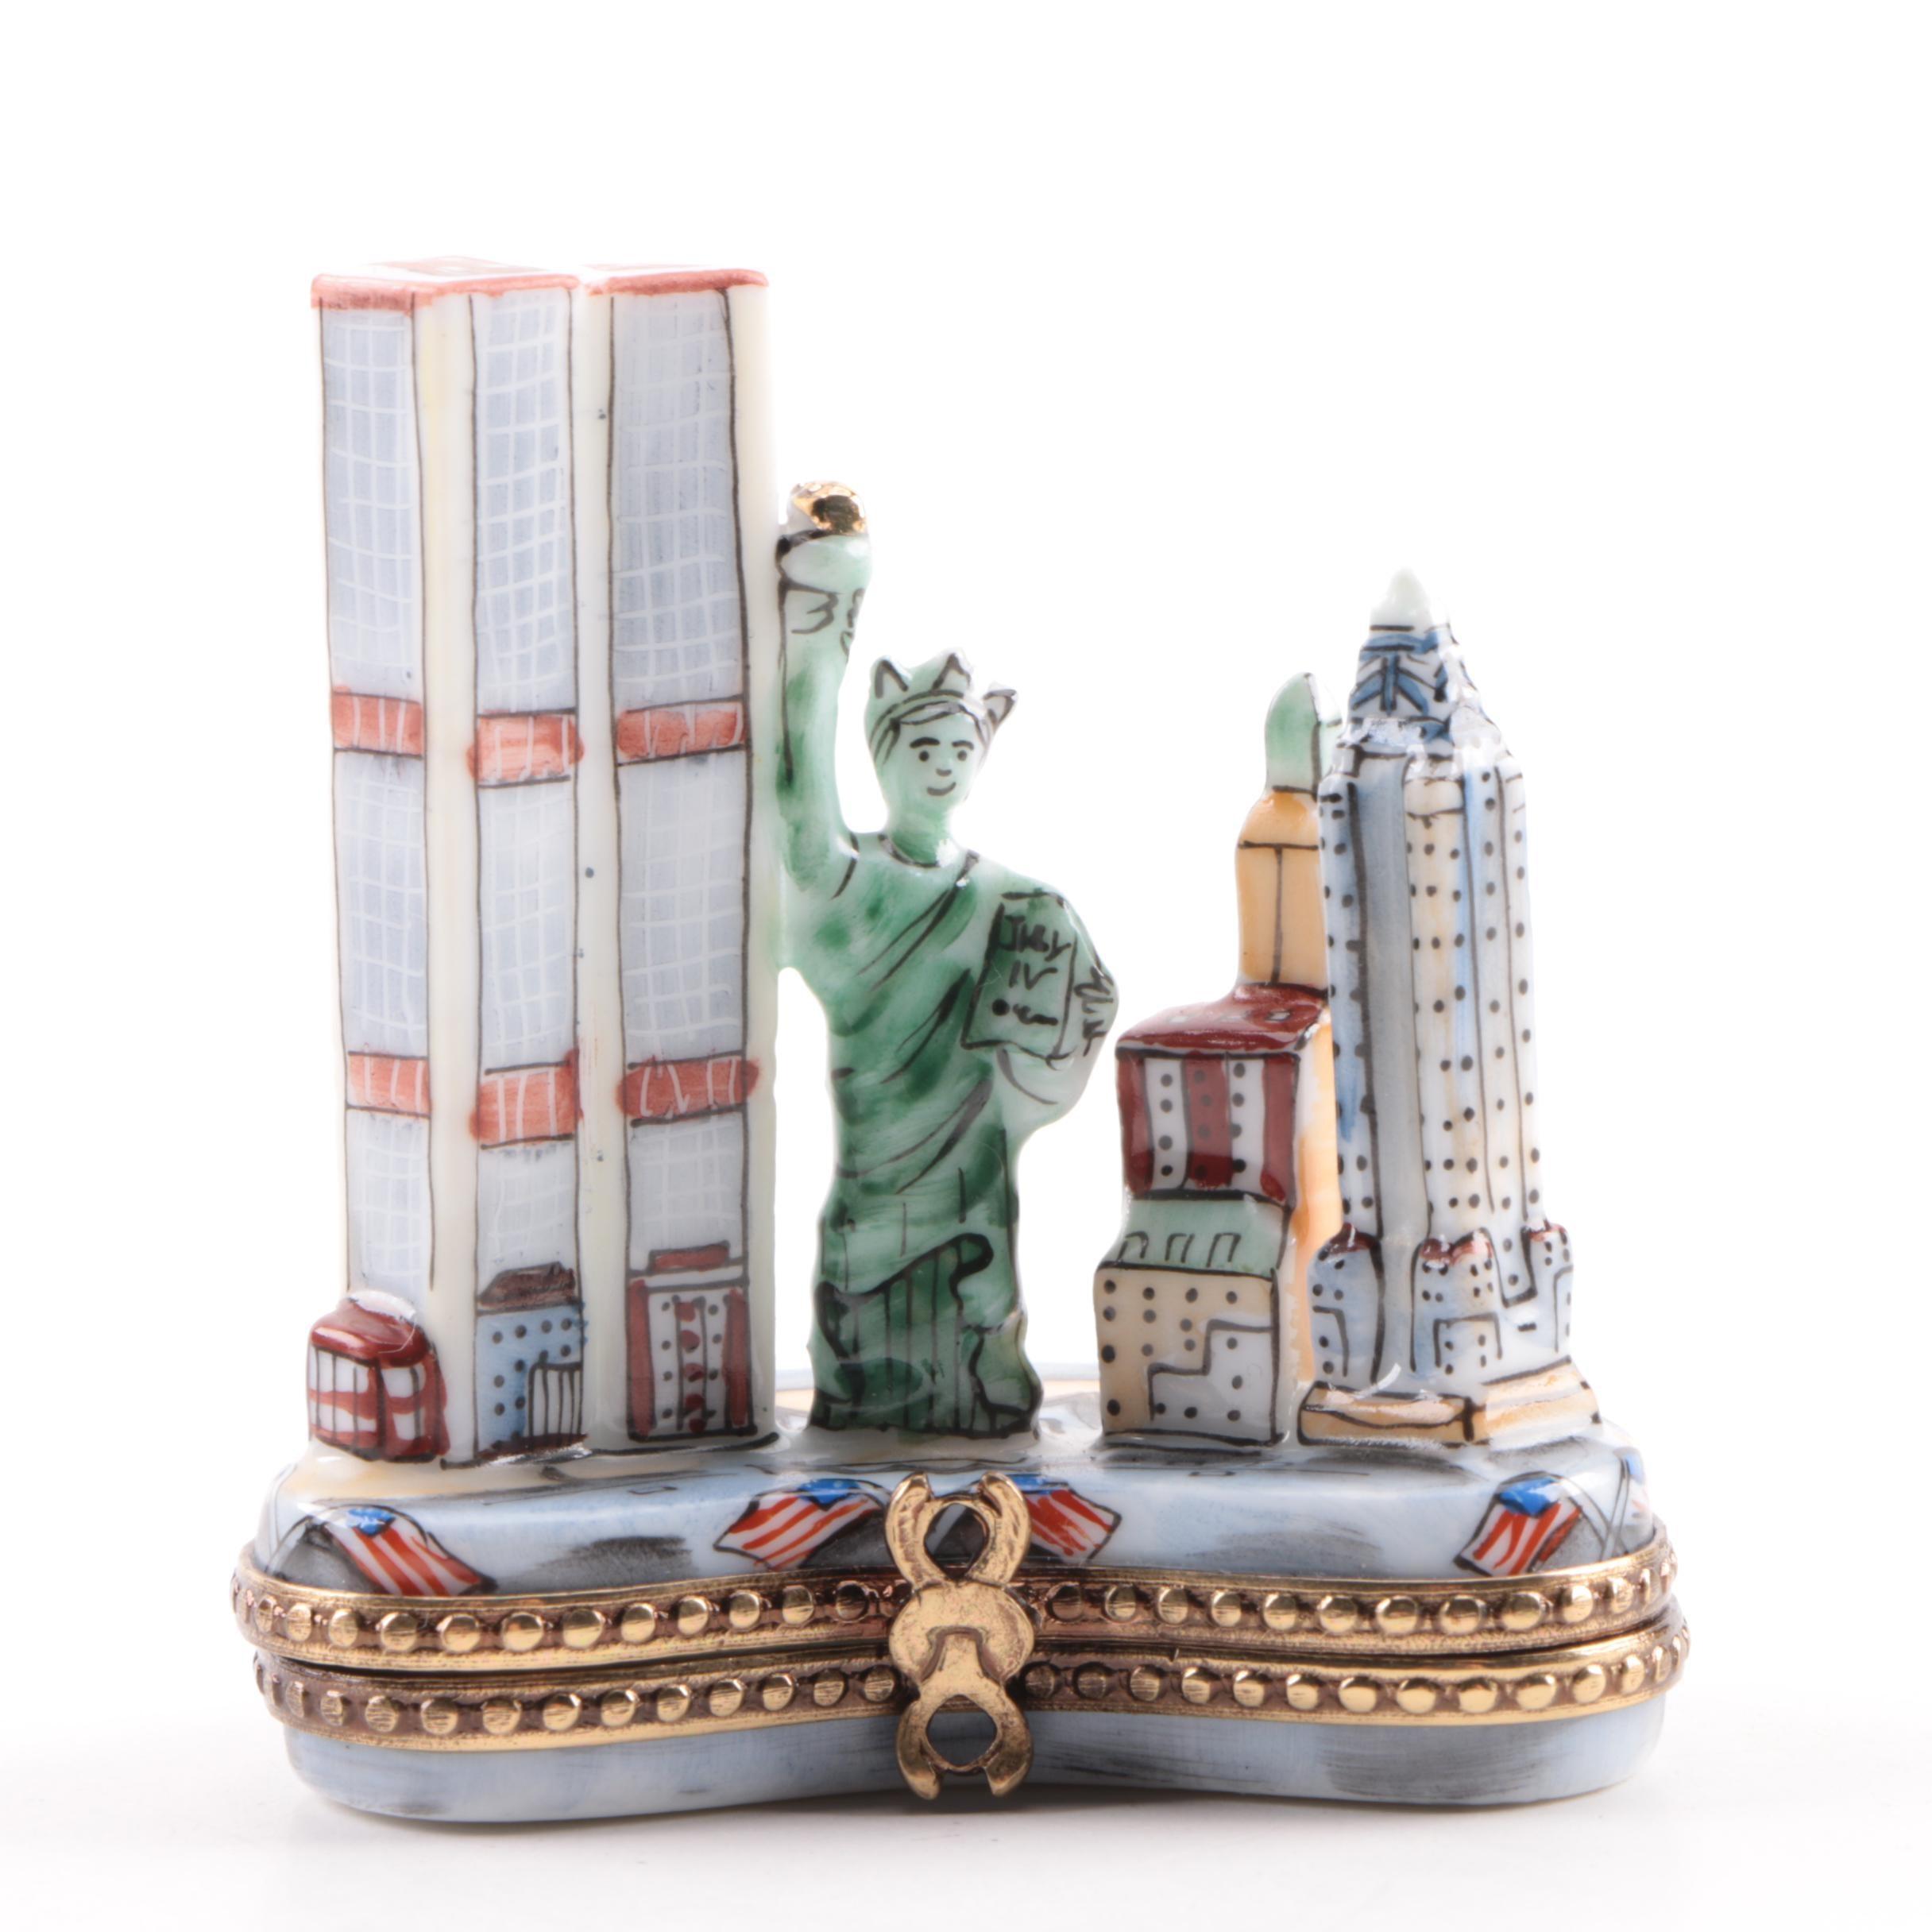 Limoges New York Themed Porcelain Trinket Box